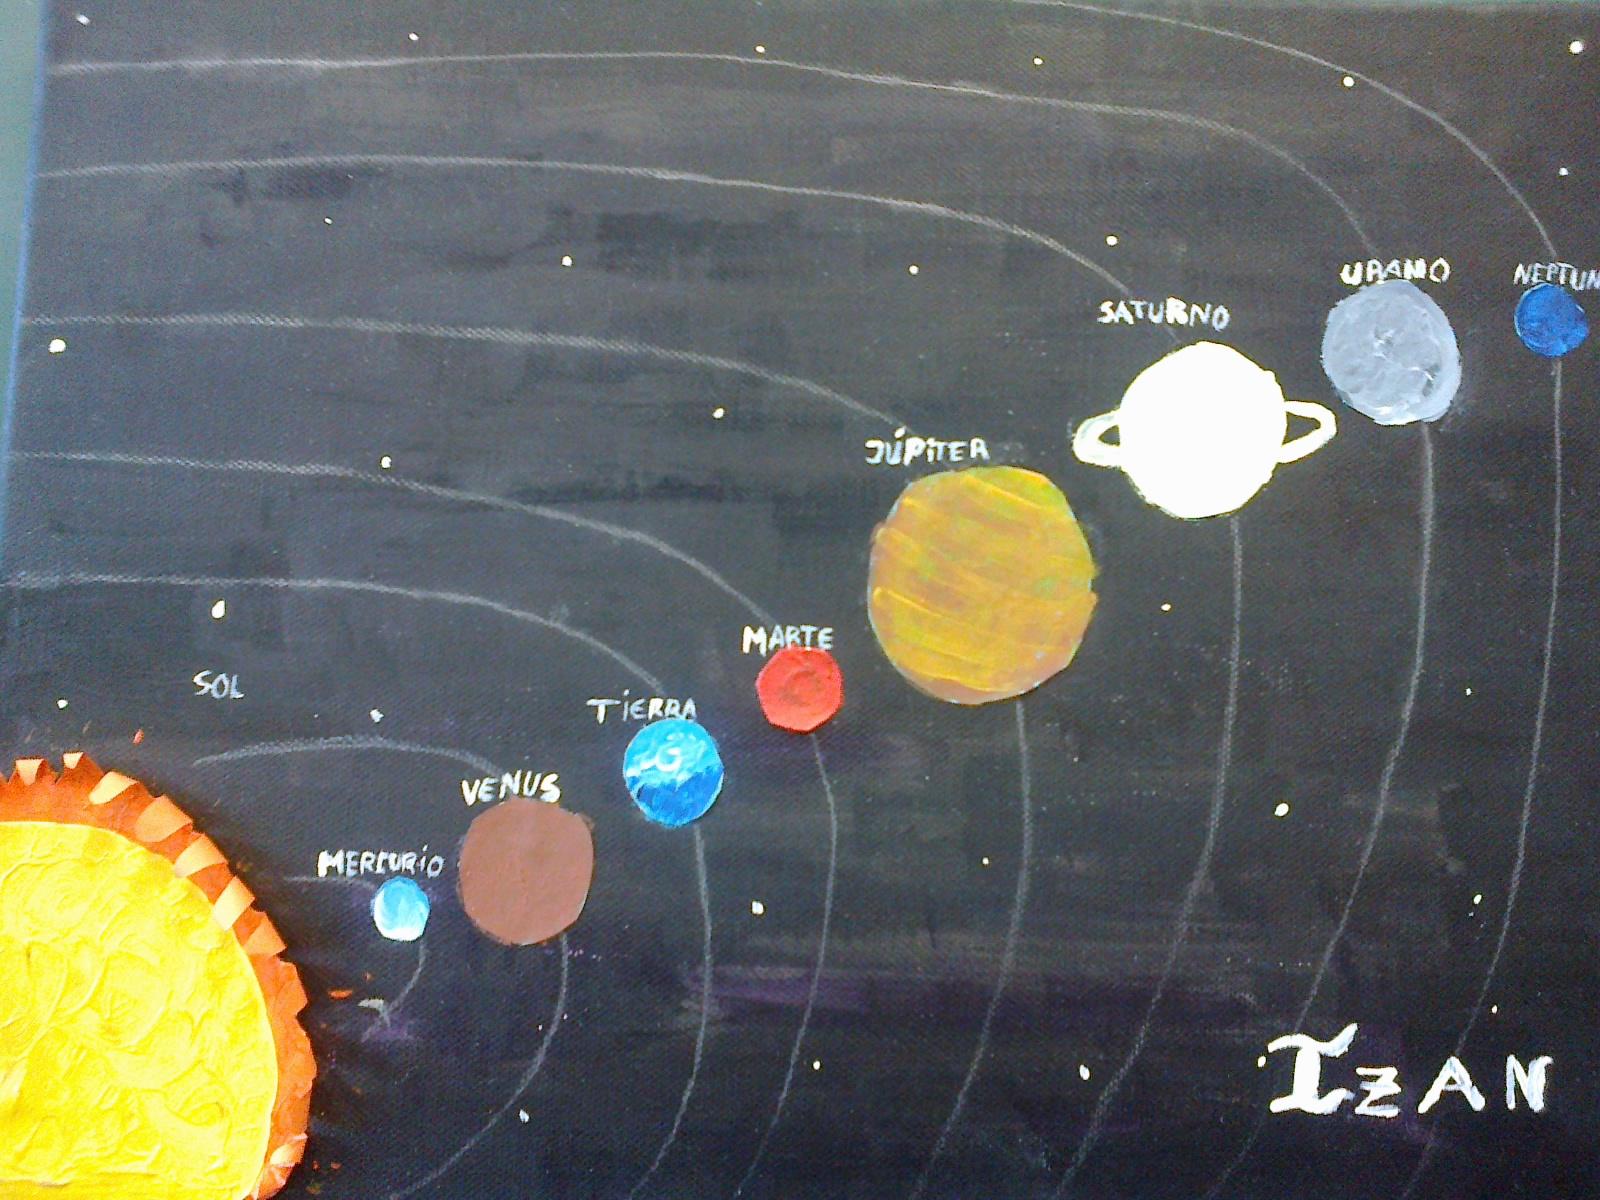 Plastilina Y Lápiz 20 De Noviembre Día De Los Derechos: TeacherCaty: Noviembre 2011